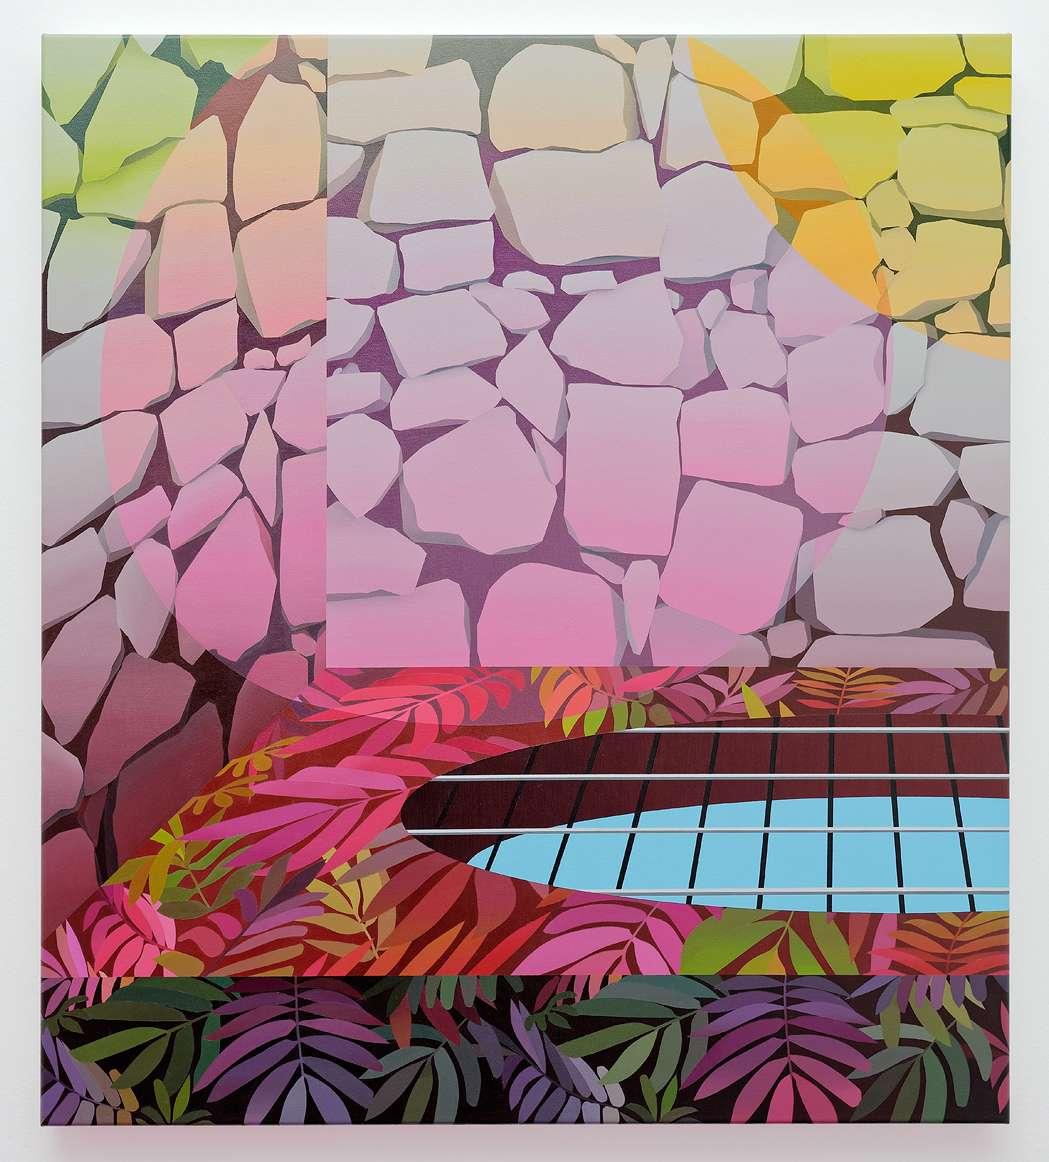 Amélie Bertrand, Sans titre, 2015 Huile sur toile90 × 80 cm / 35 3/8 × 31 1/2 in.